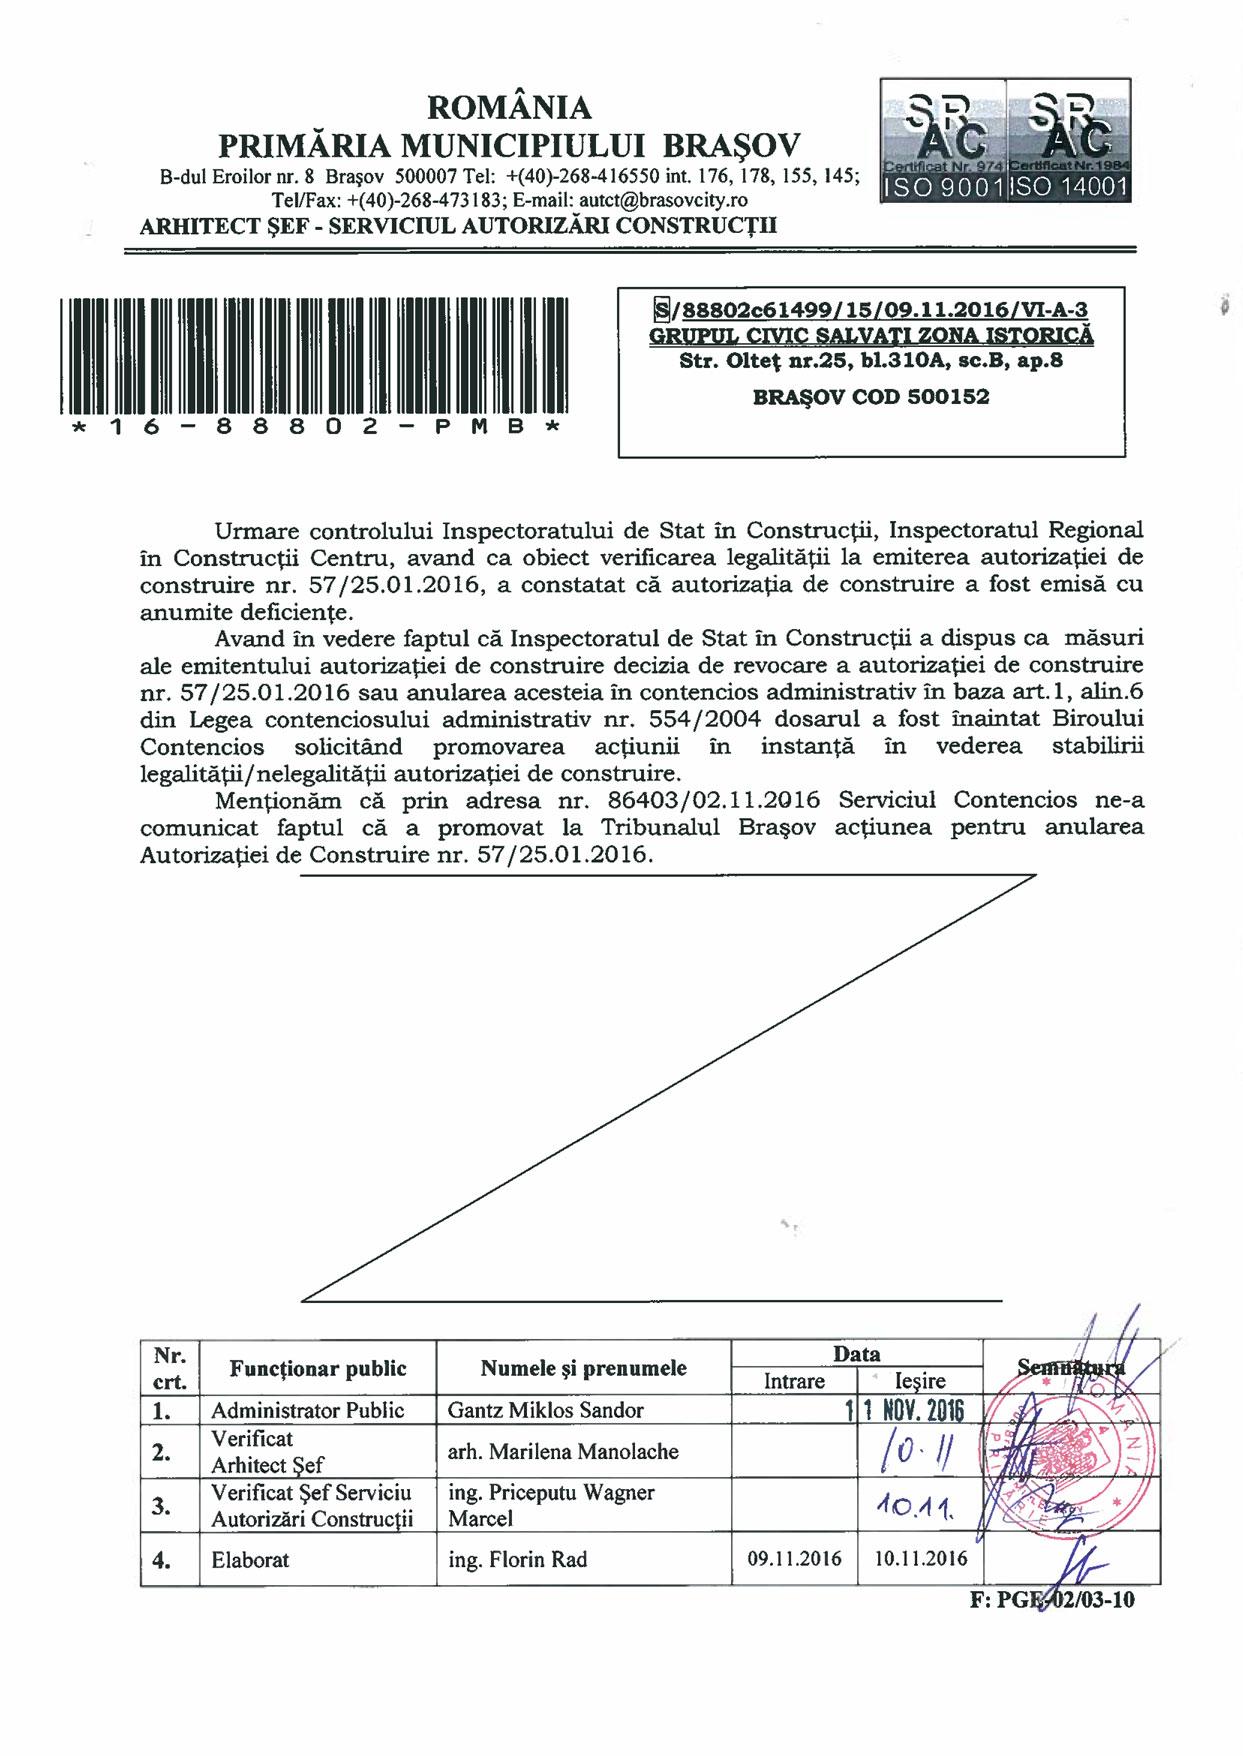 f3-03-anulareautorizatie_57_20160125_20161111-primarie